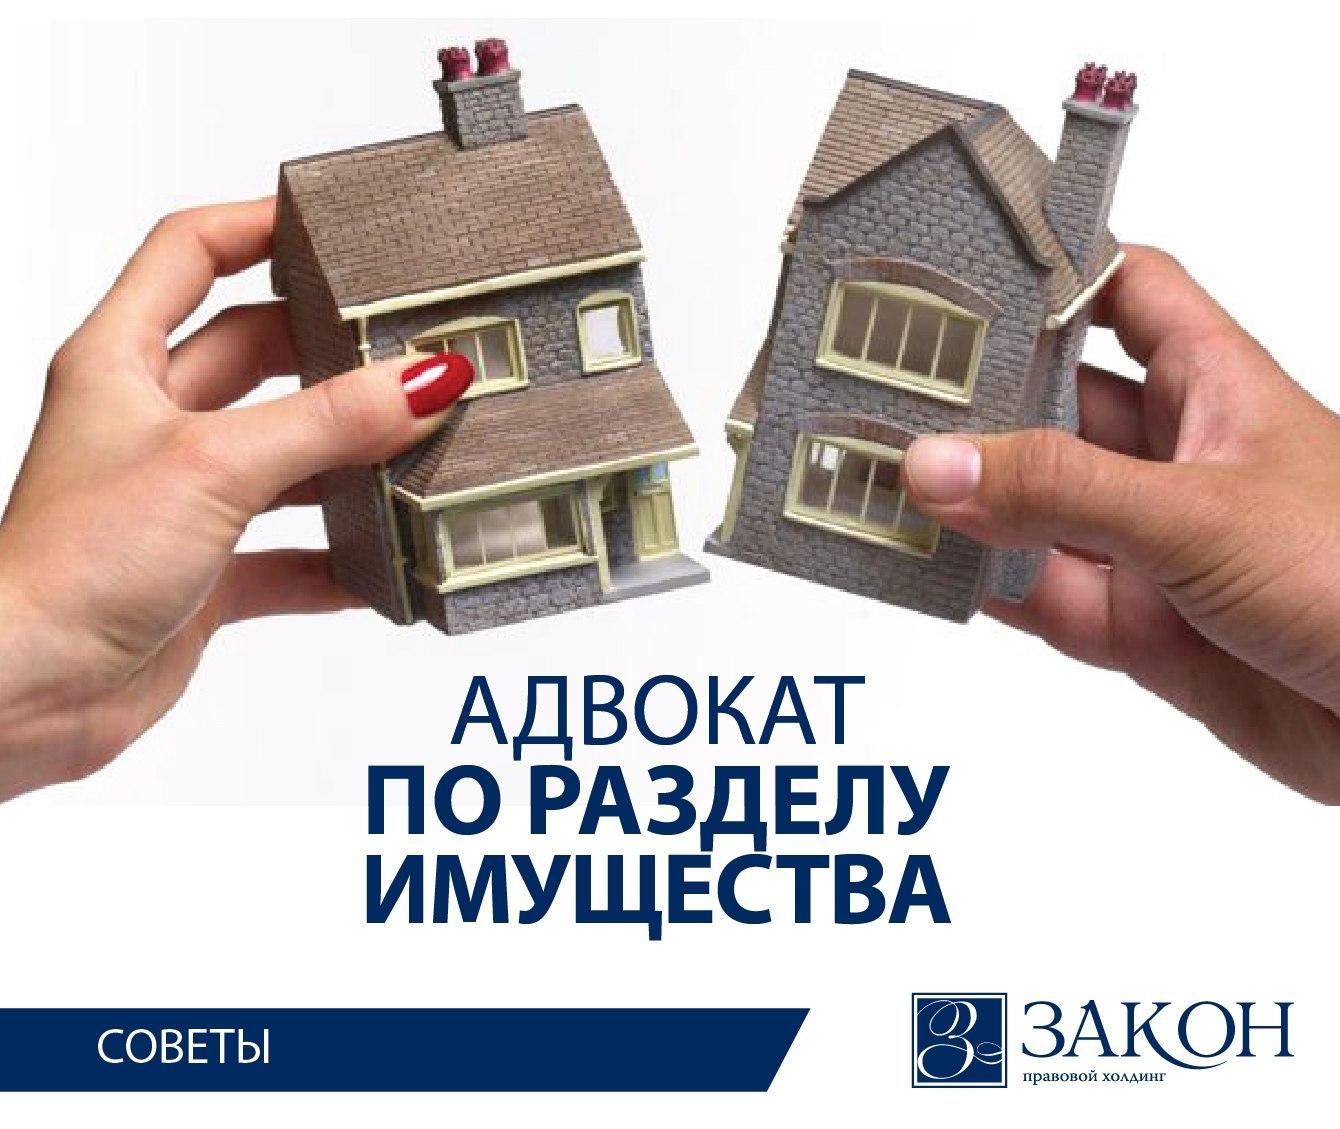 раздел имущества при разводе в долевой собственности был след